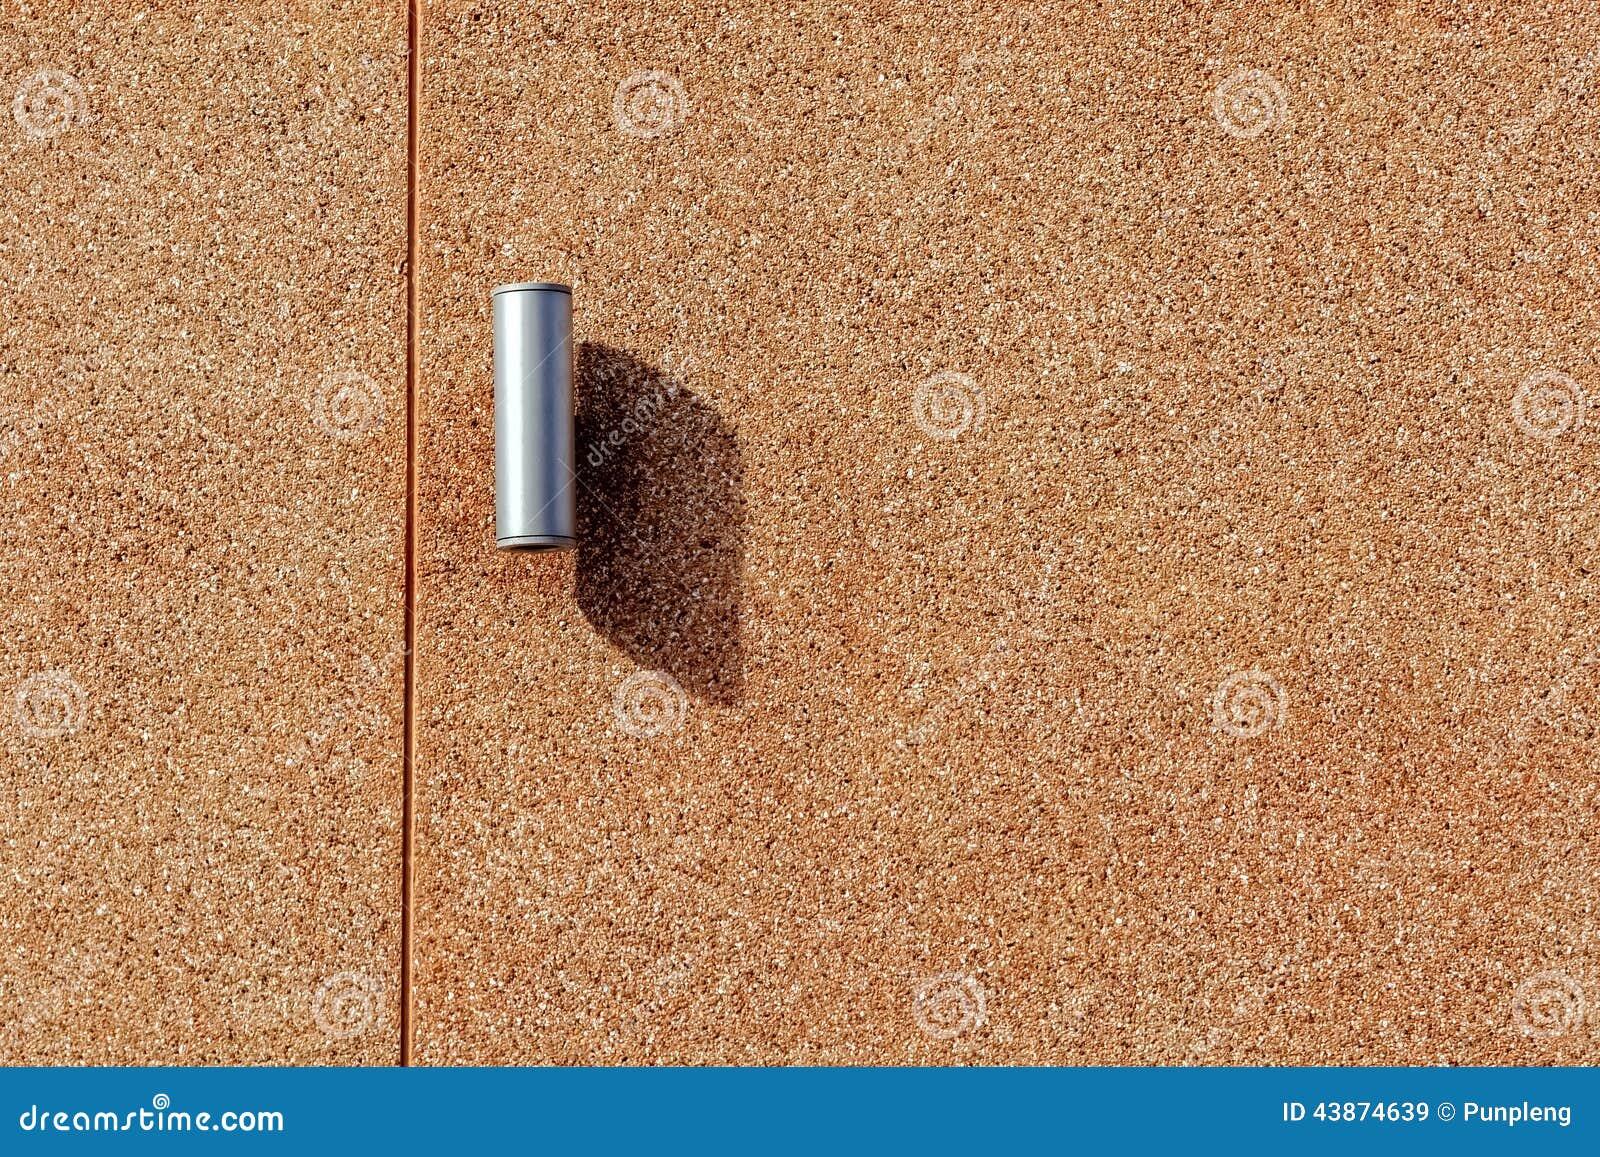 Iluminaci n de la pared en el muro de cemento de brown - Paredes de cemento ...